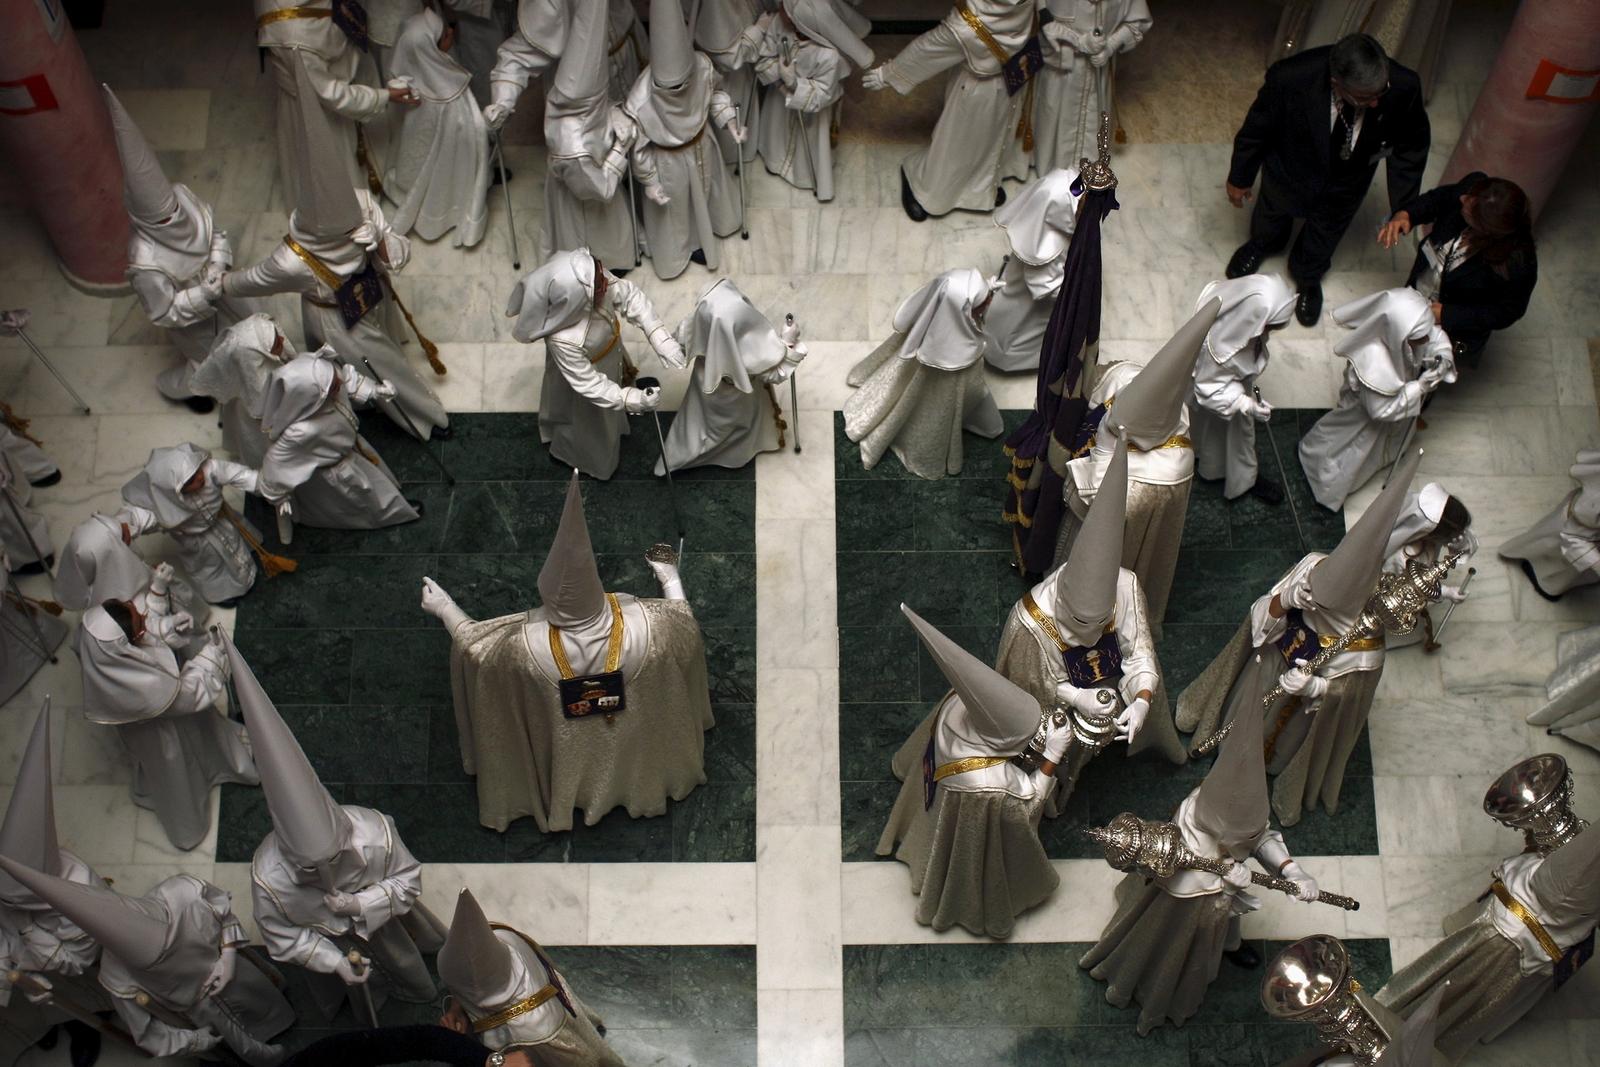 .Los 7 Errores que llevaron a la Crisis que Hoy muestra la Iglesia